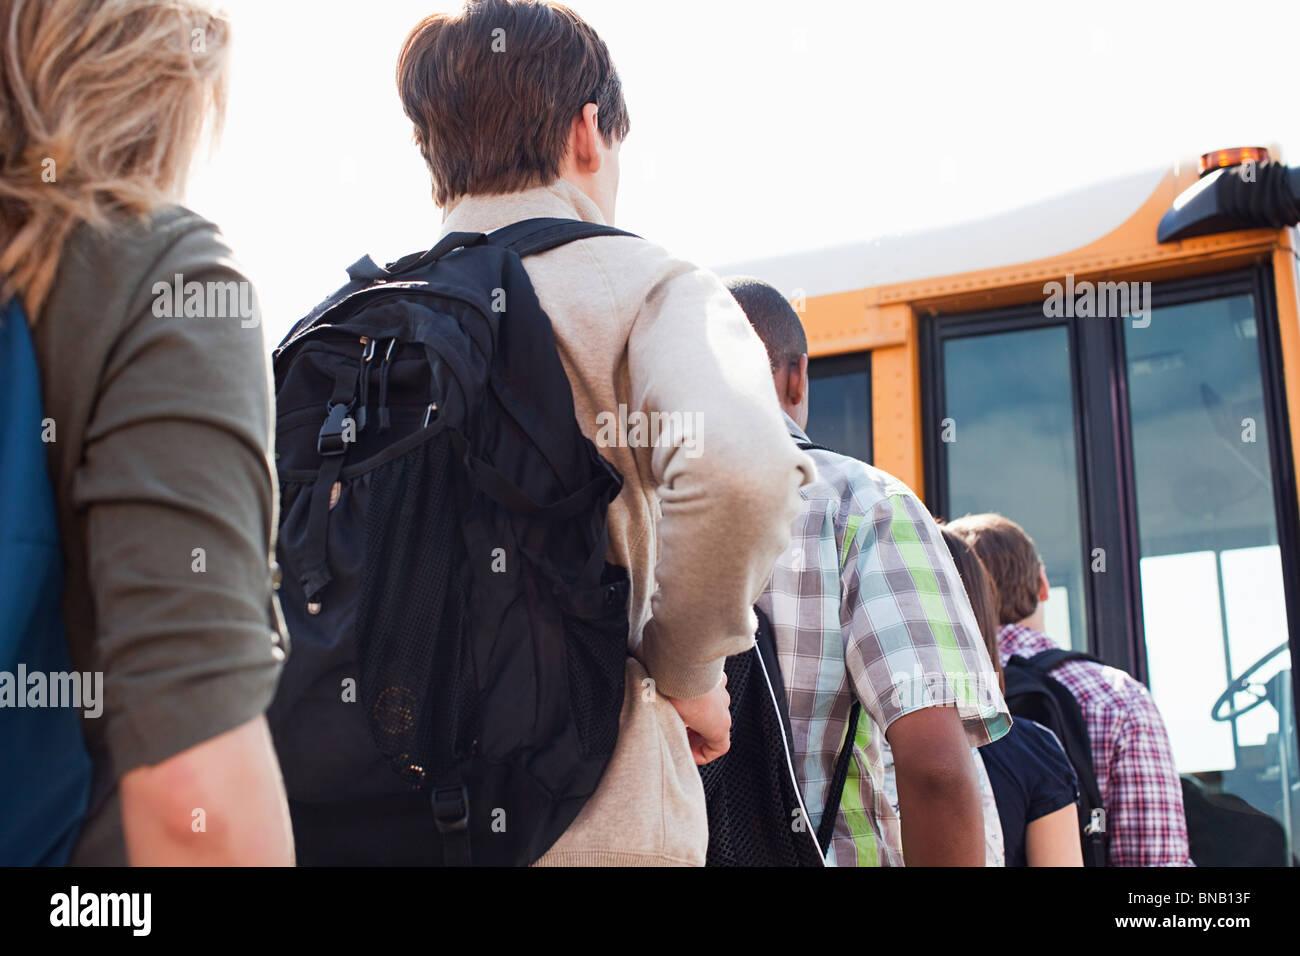 Les élèves du secondaire d'attente pour les autobus scolaires Photo Stock